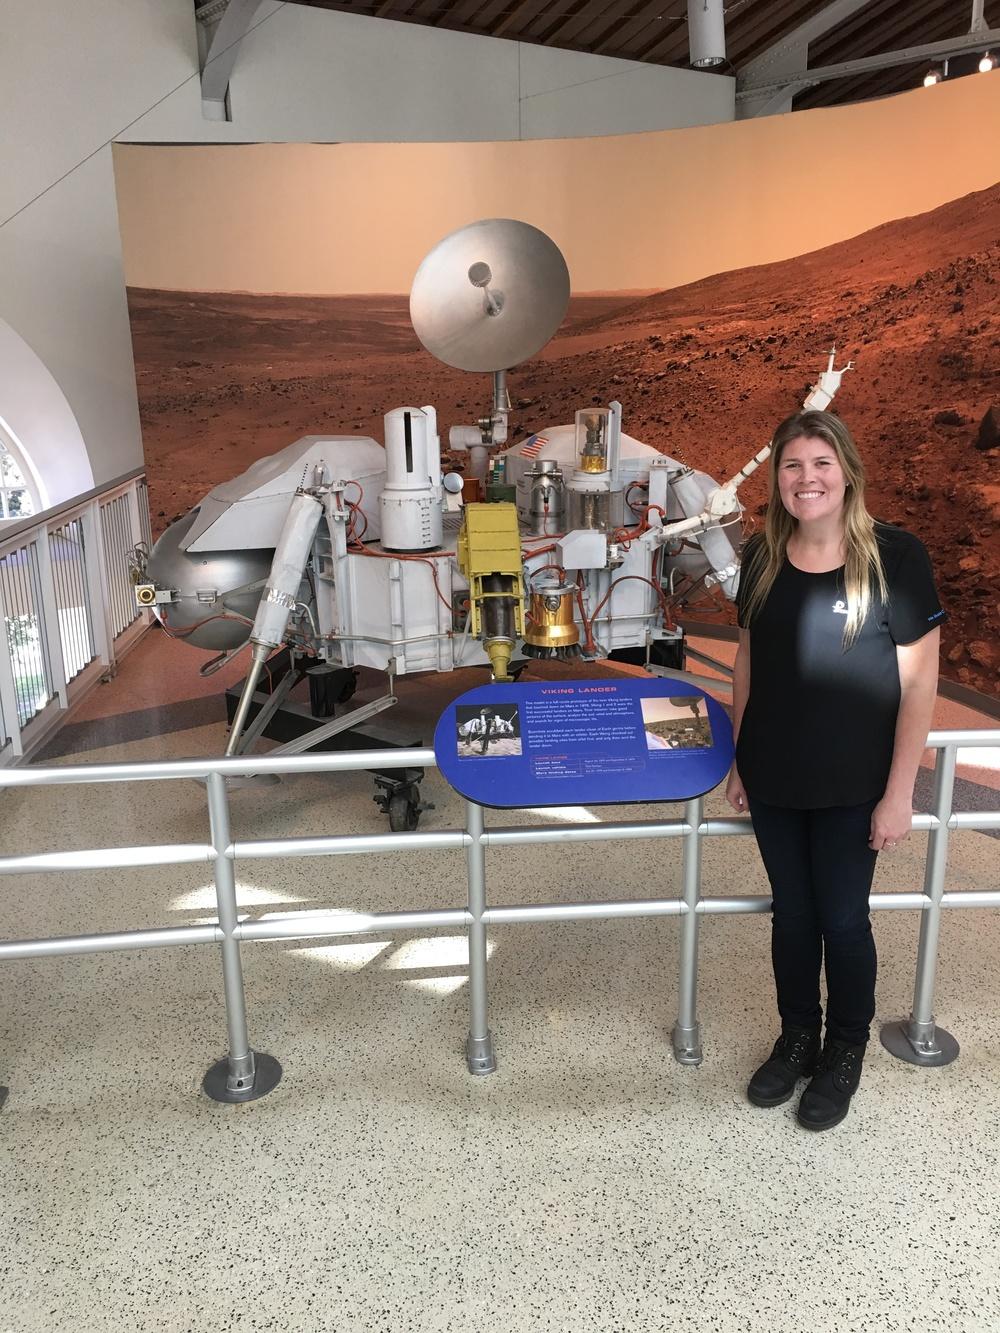 Viking Lander - California Science Center